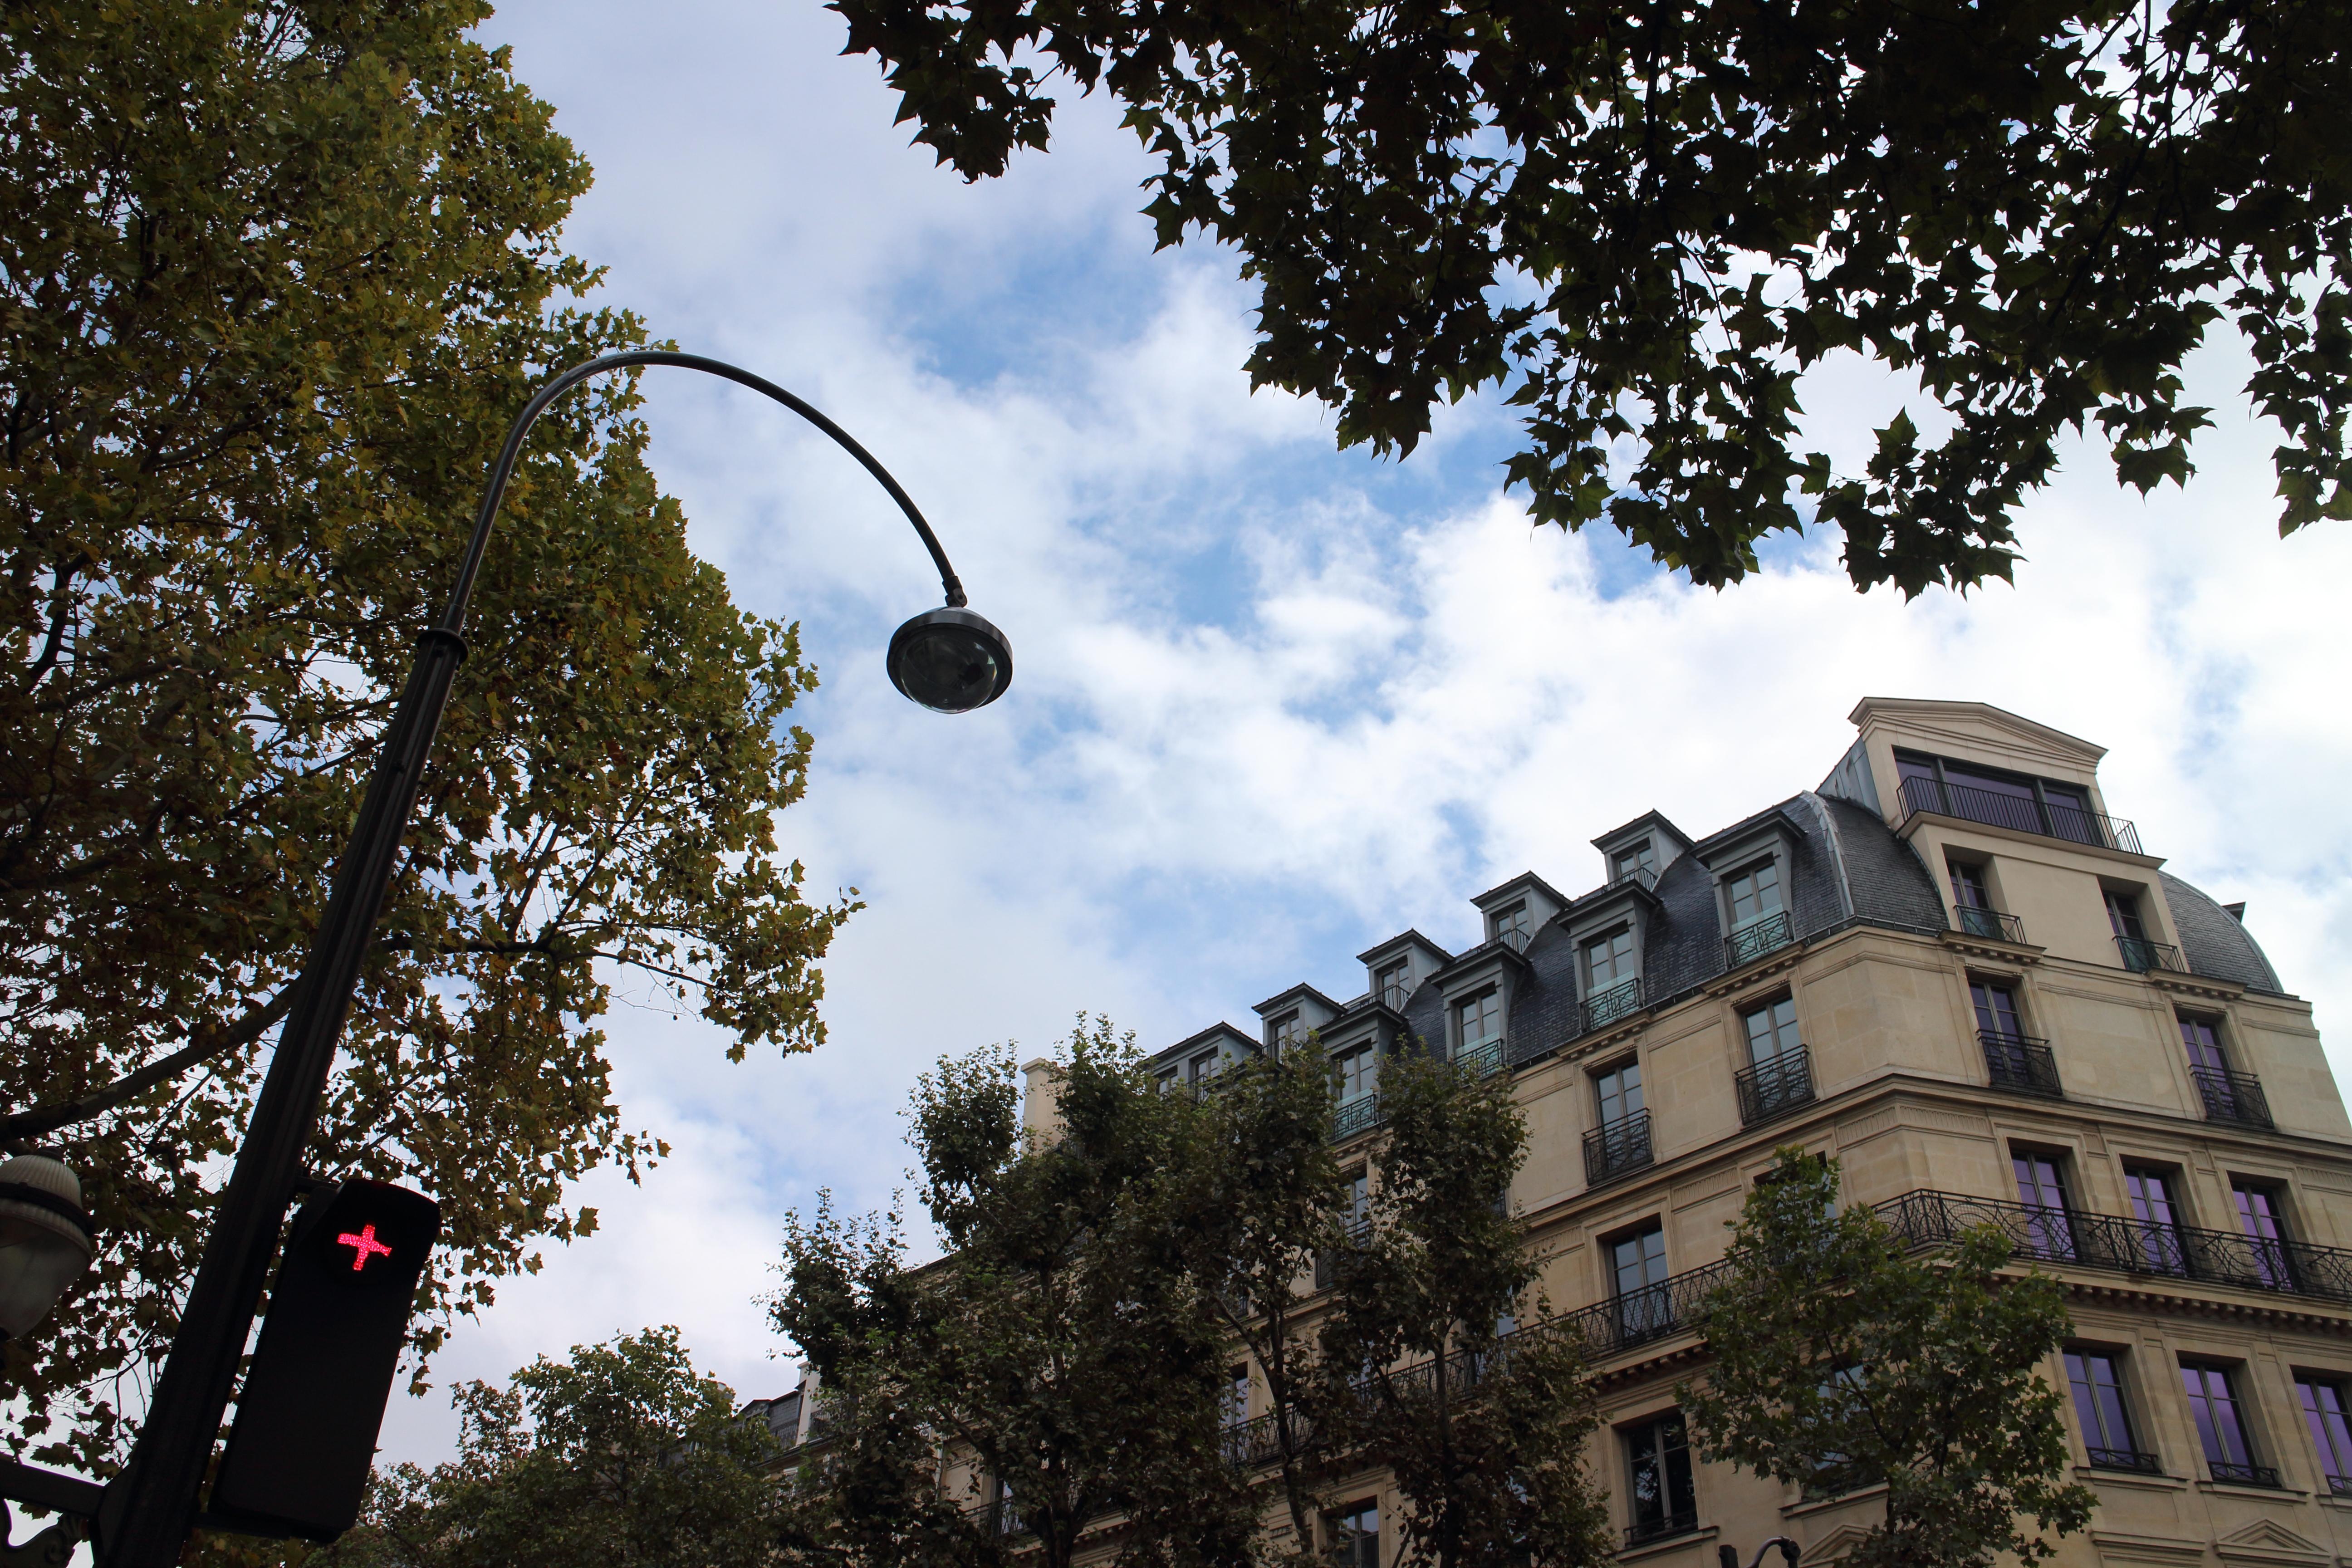 6日目はロマン主義博物館と、パリの真ん中マドレーヌ寺院へ